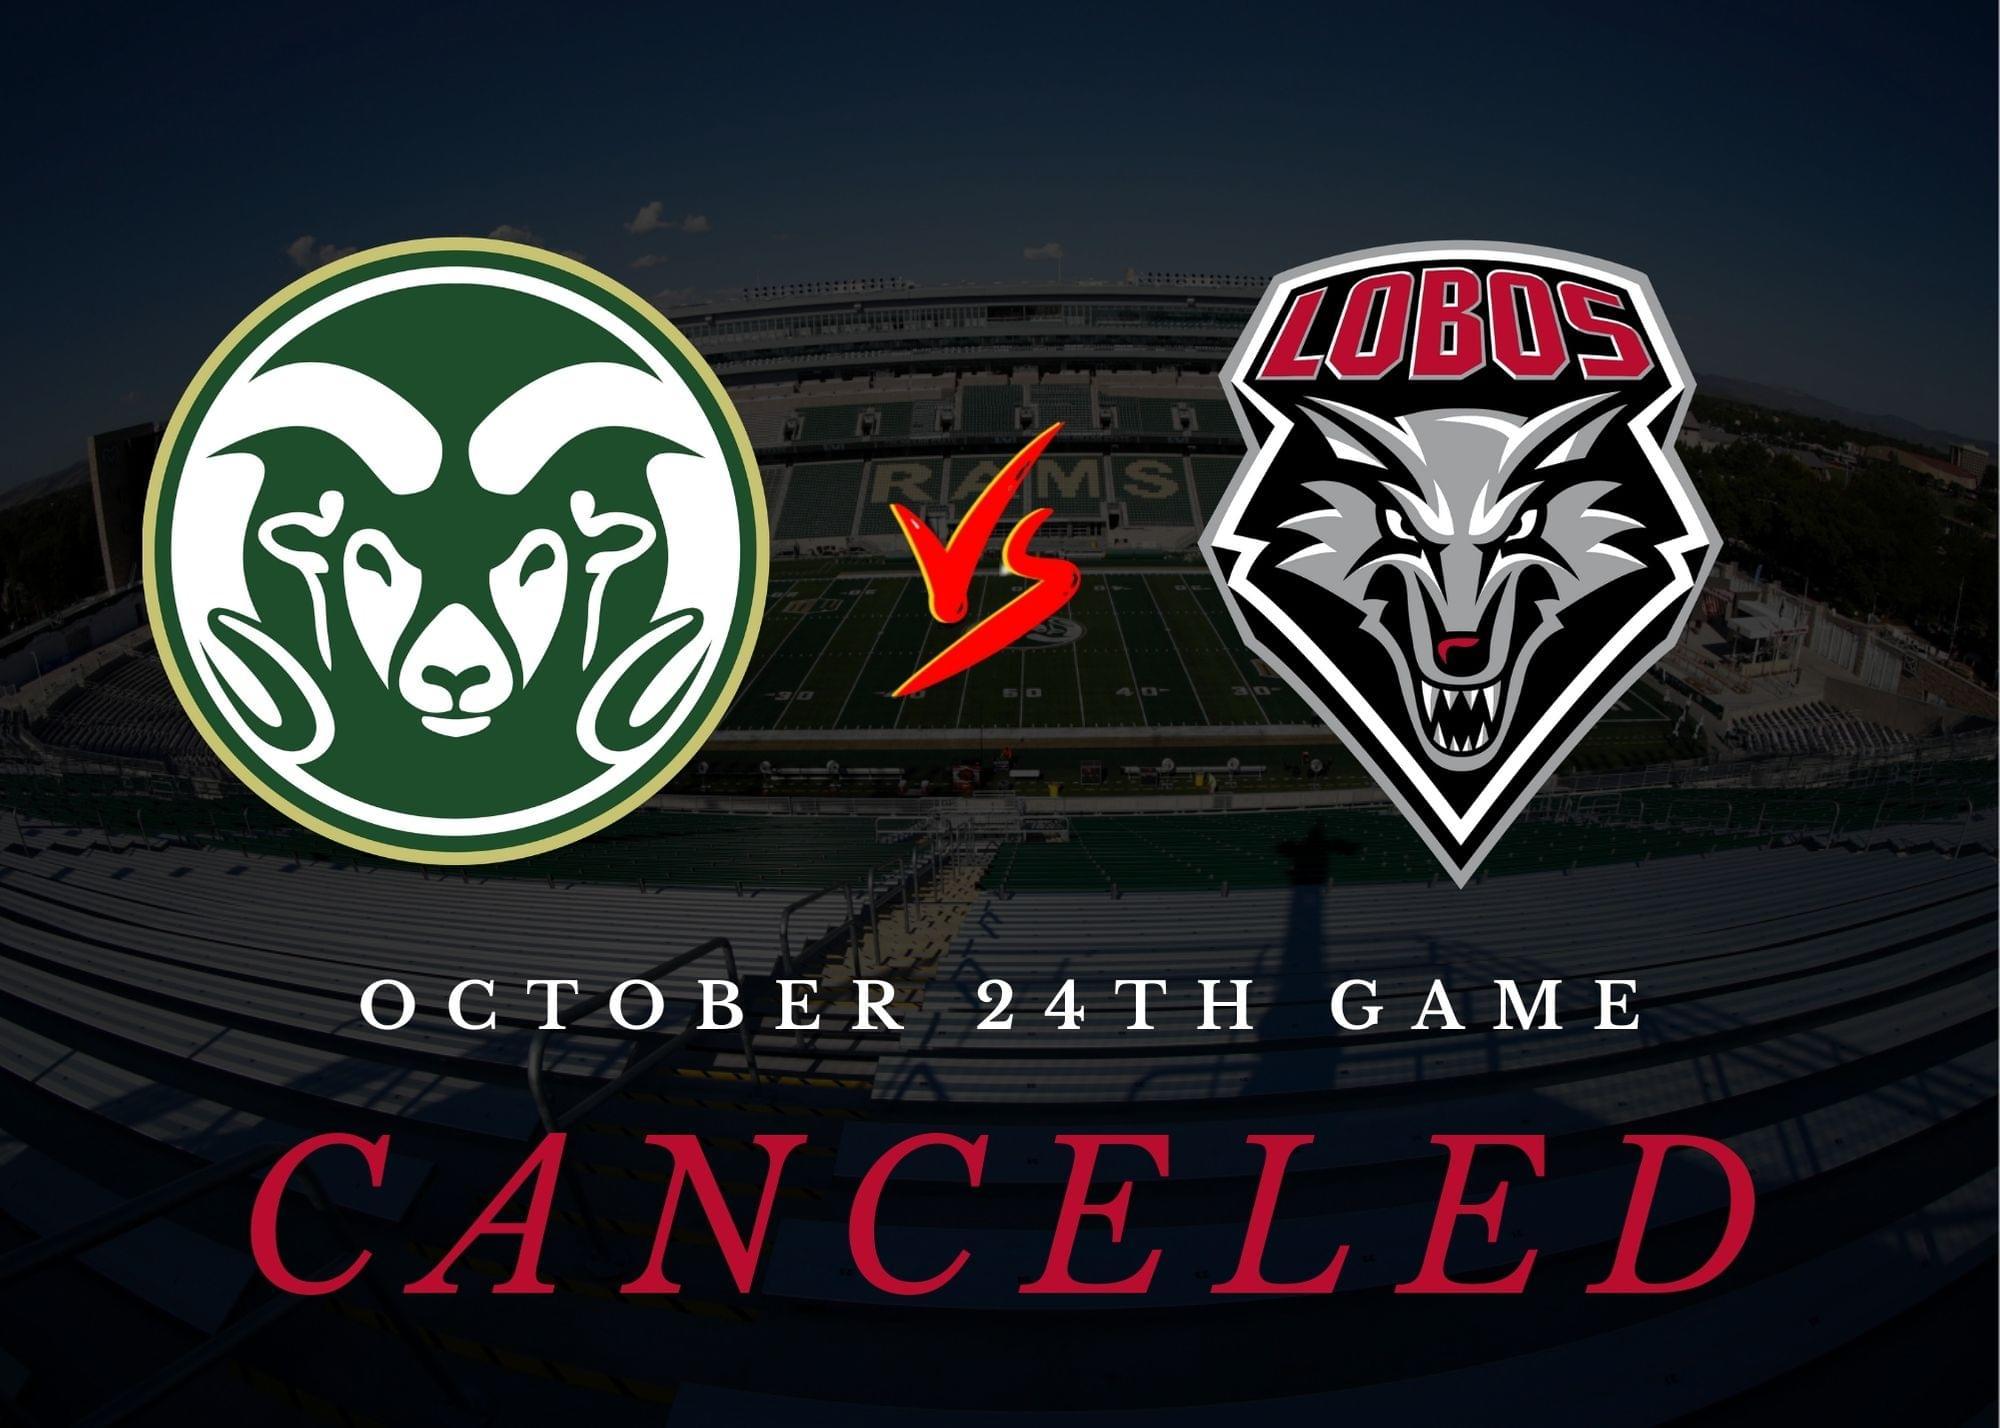 UNM's season opener against CSU canceled